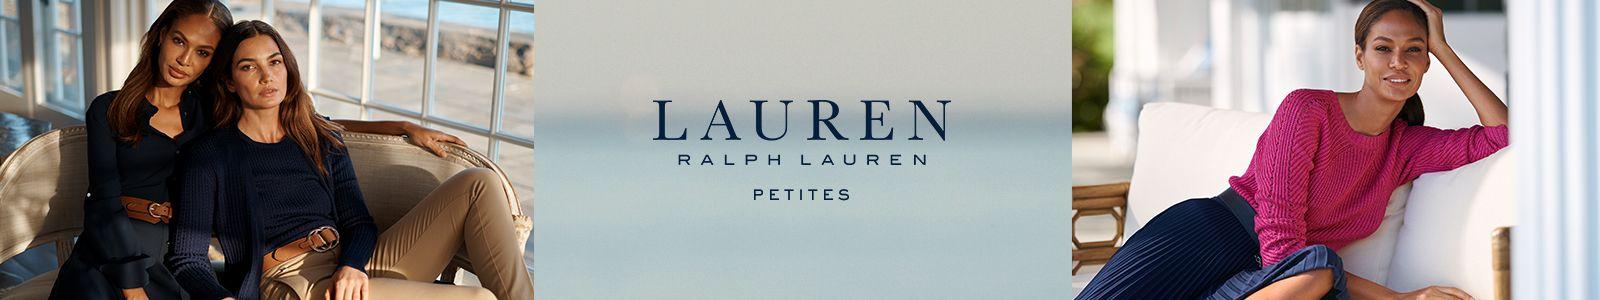 Lauren, Ralph Lauren, Petites